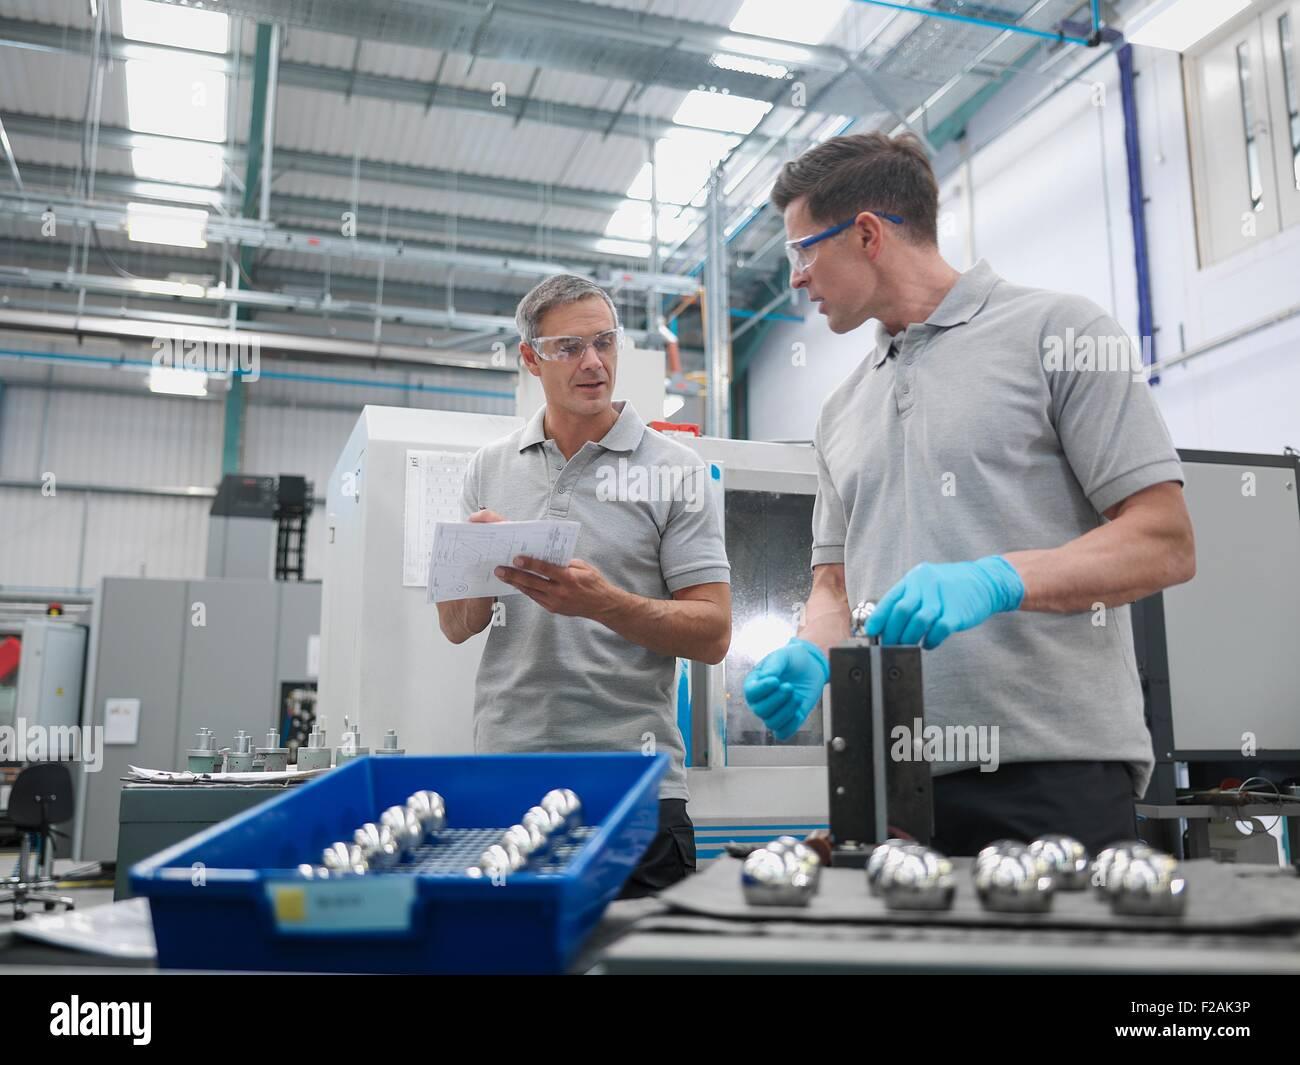 Les articulations de la hanche artificielle finition des ingénieurs dans l'usine d'orthopédie Banque D'Images